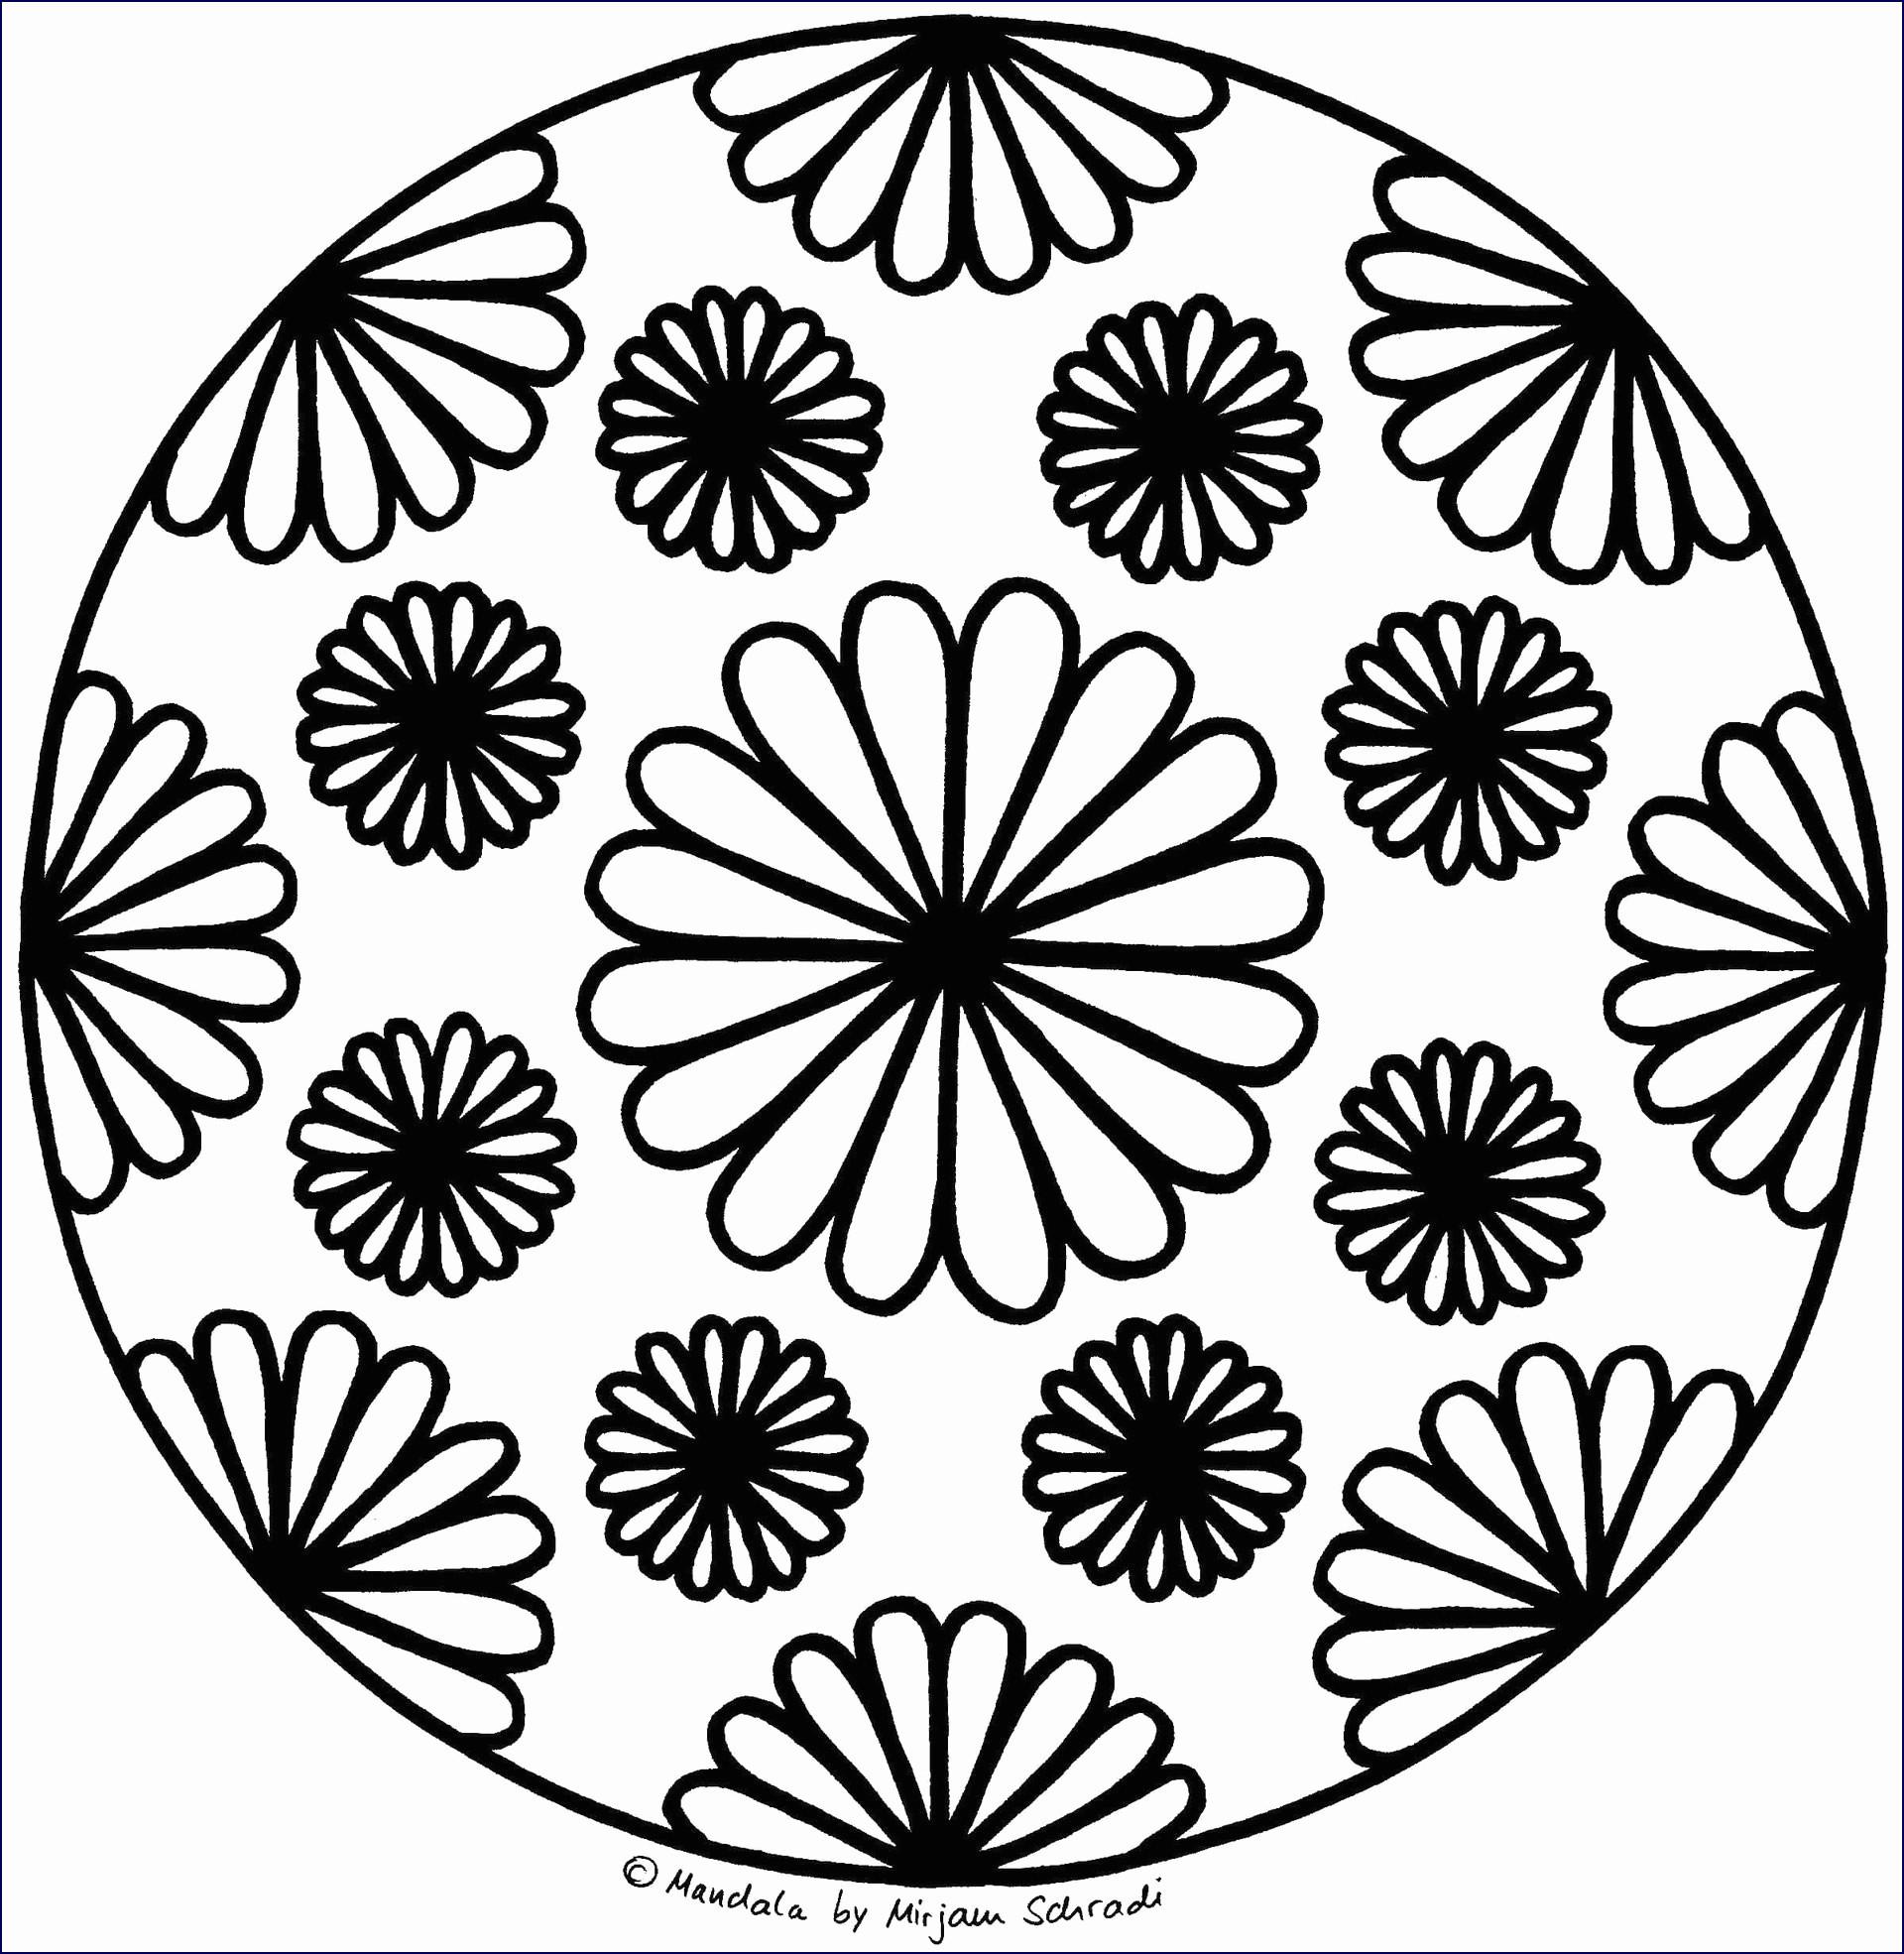 Malvorlage Blumen ornamente Einzigartig Ausmalbilder Haus Mit Garten Frisch Blumen Bilder Zum Ausdrucken Das Bild